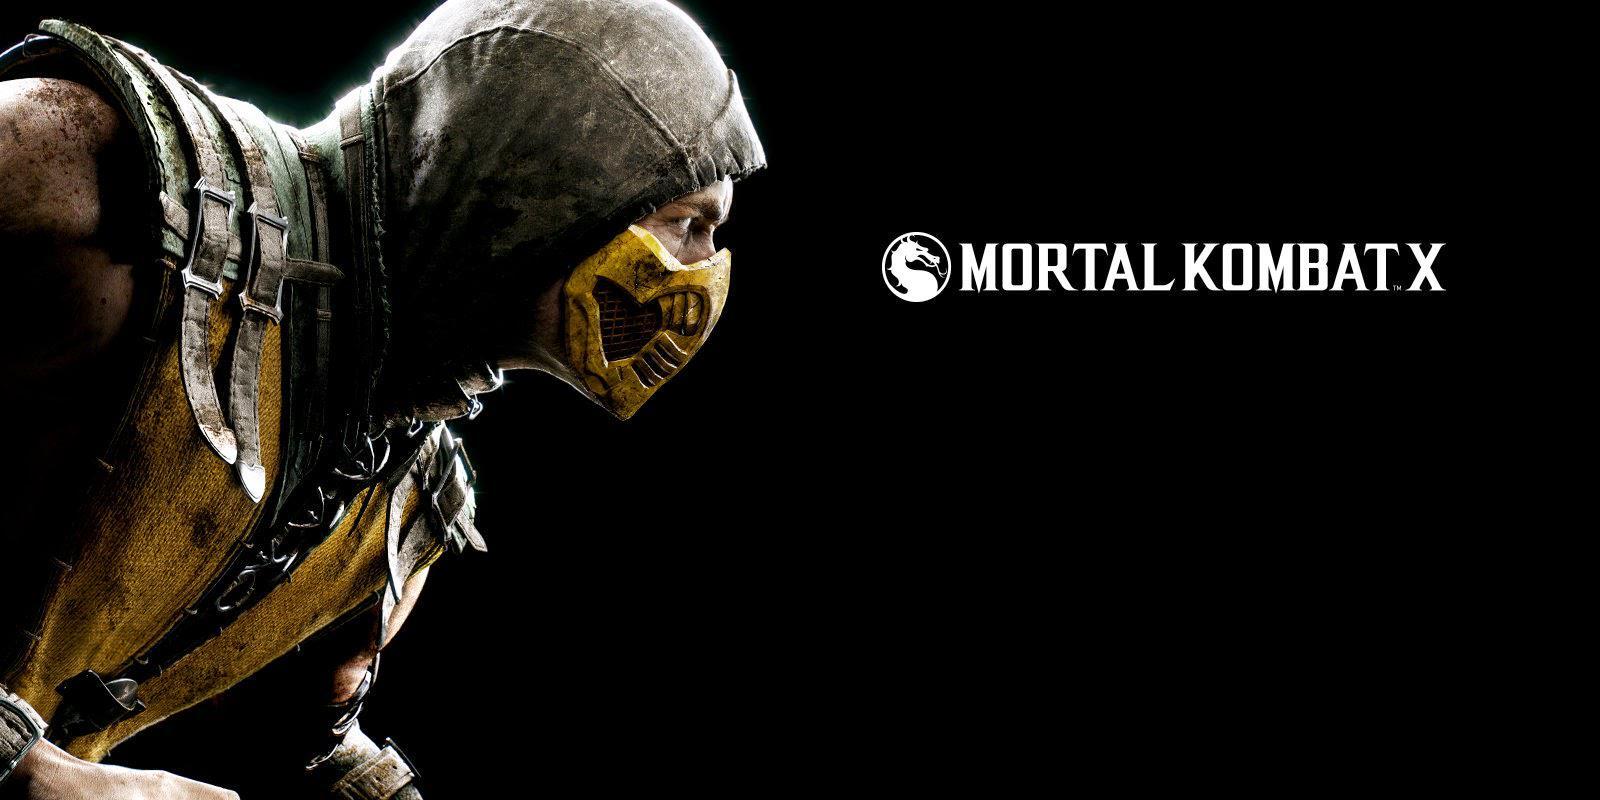 Скачать игру Mortal Kombat X - новые ролики, скачать игры, игры торрент, ск